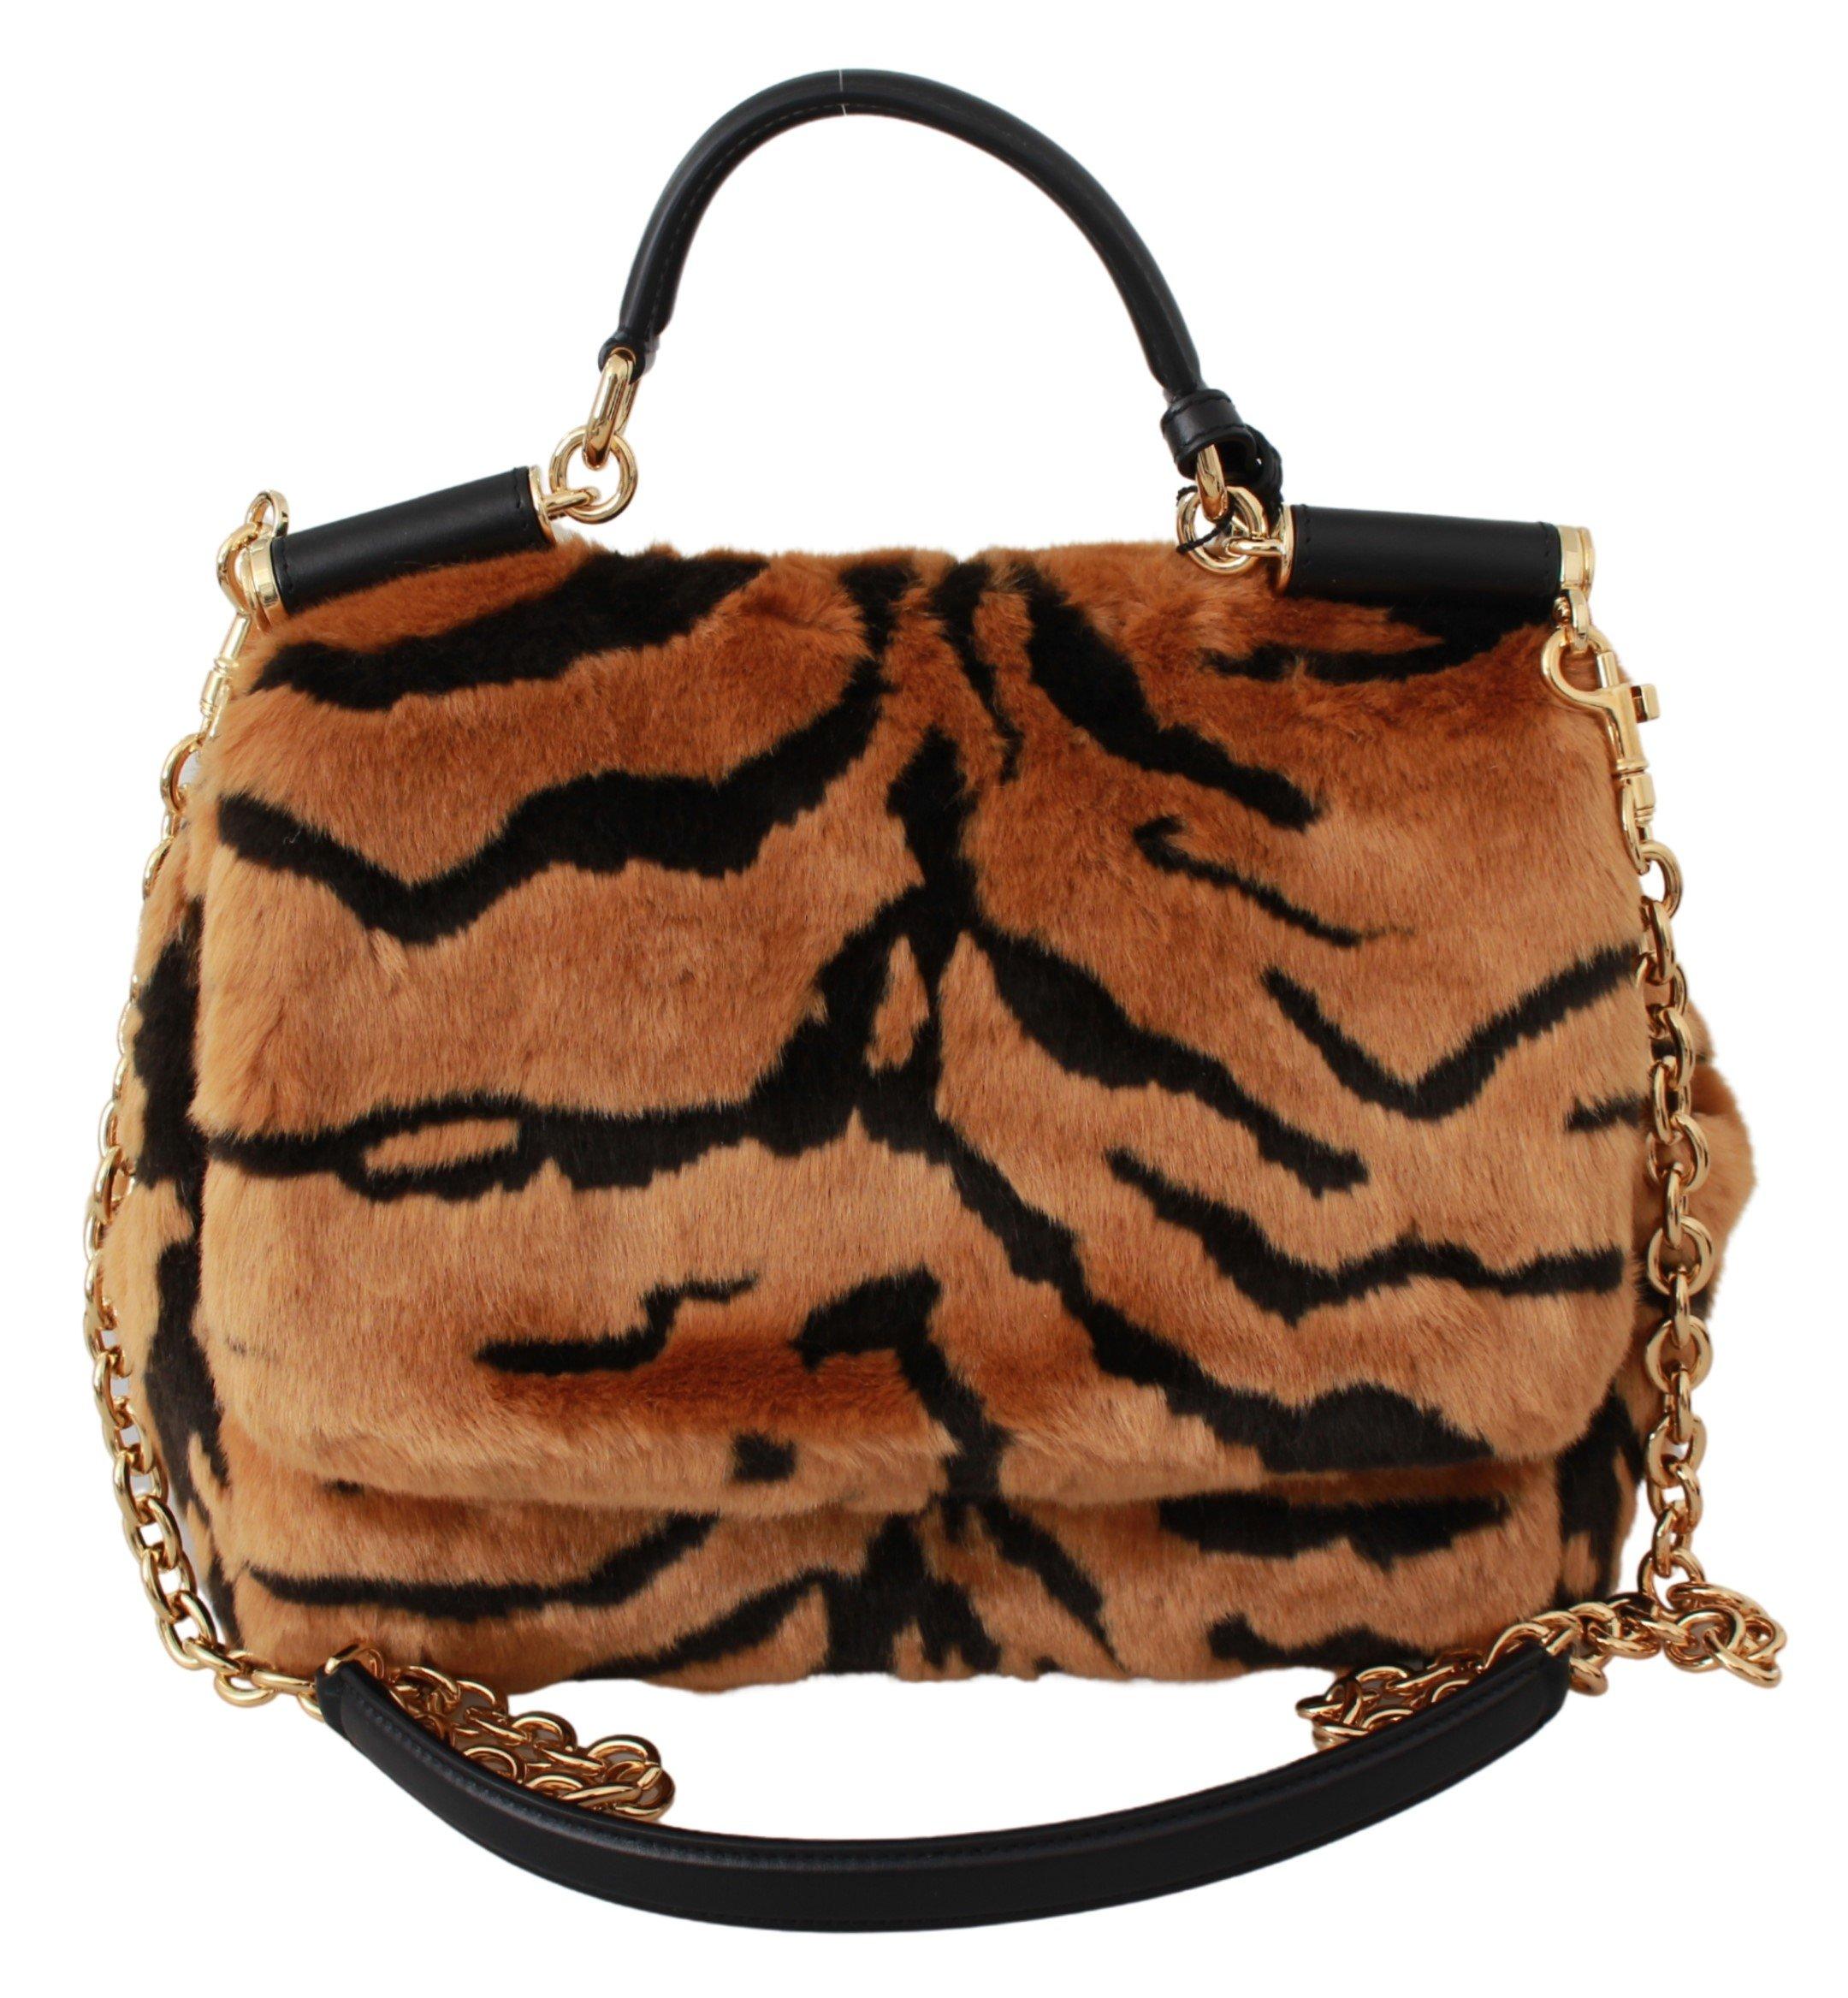 Dolce & Gabbana Women's Tiger Print Fur Sicily Shoulder Bag Brown VAS9469